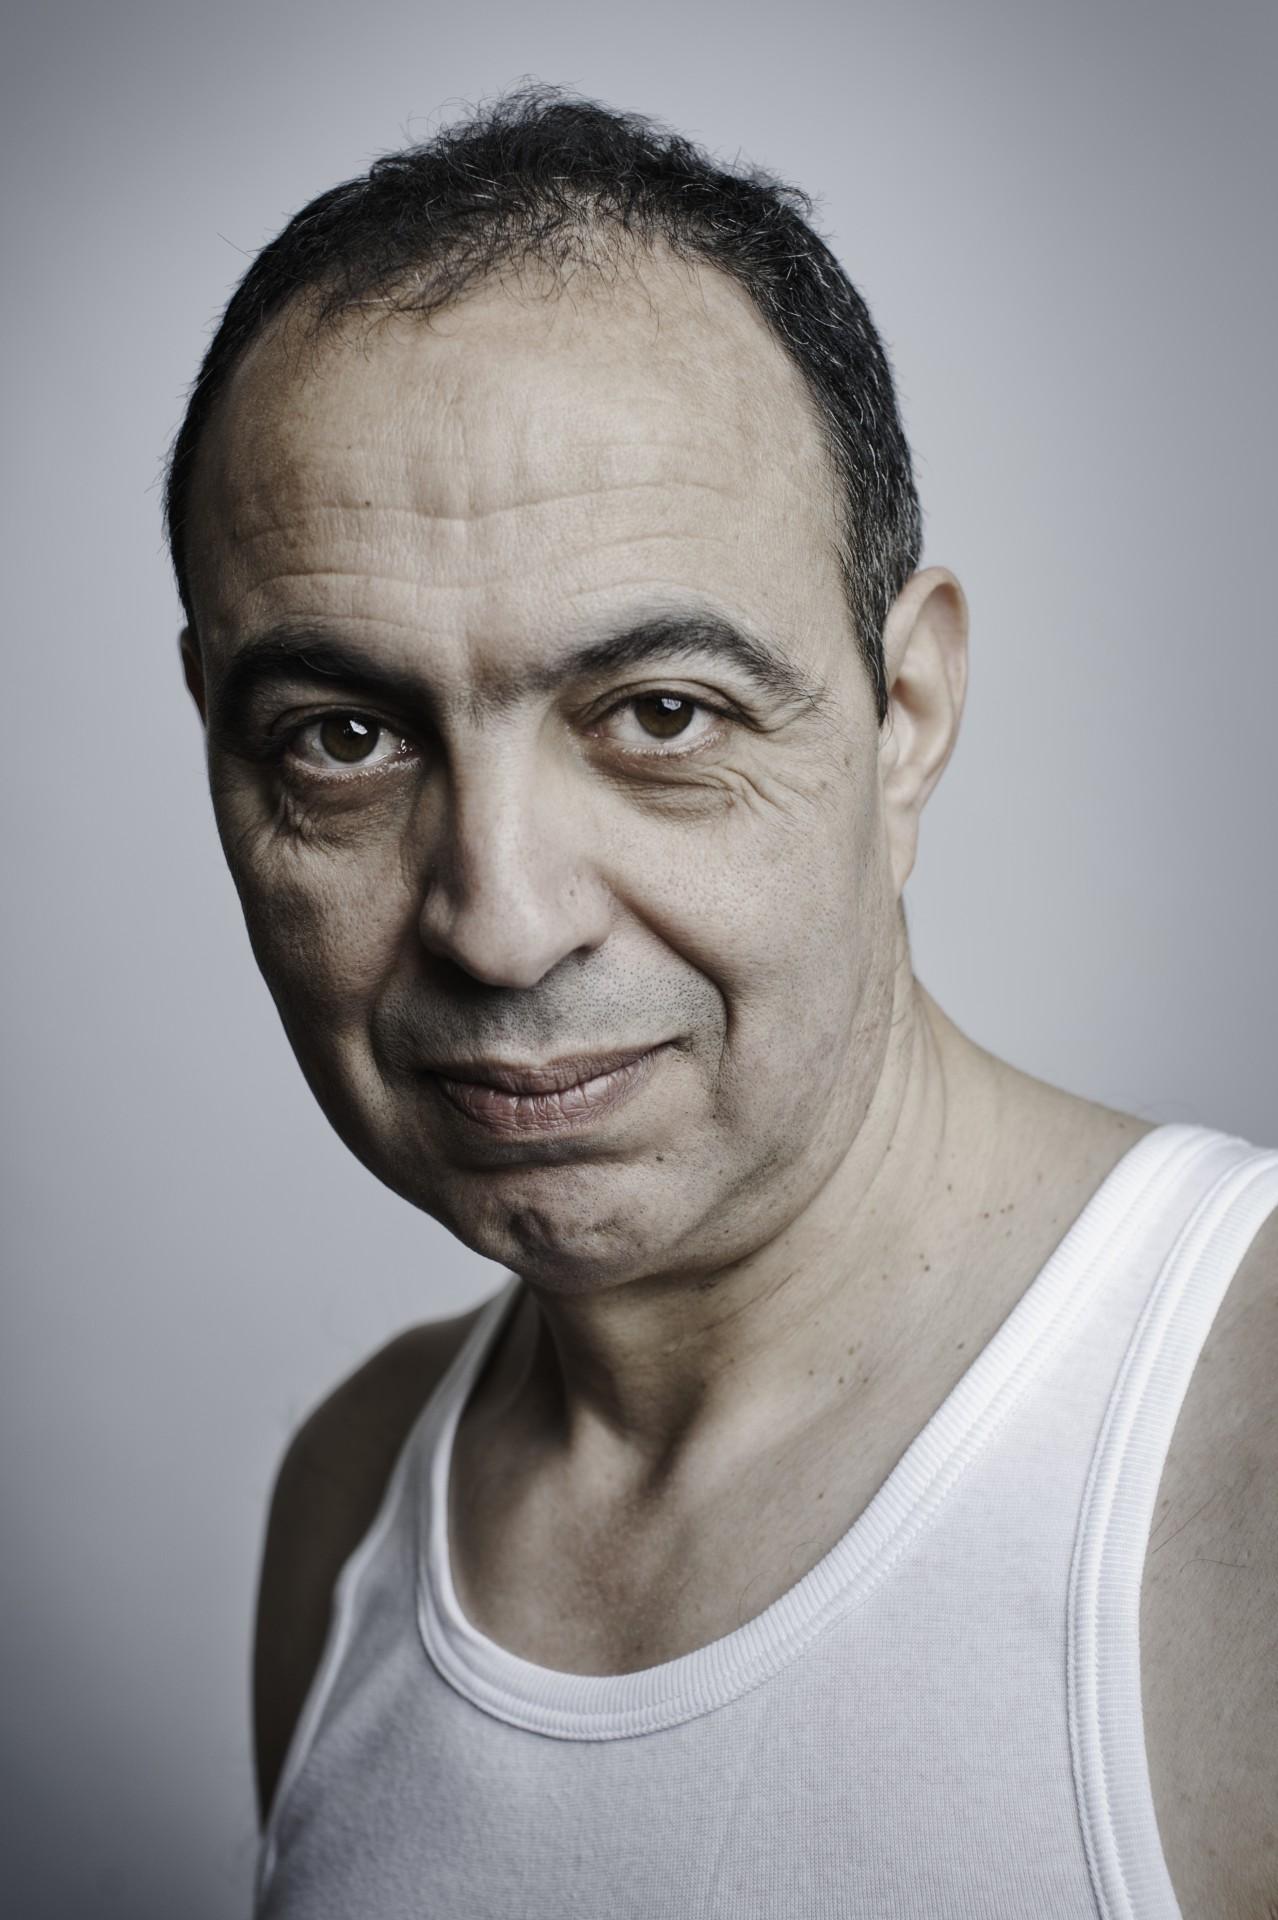 Mohamed-el-Hadouchi